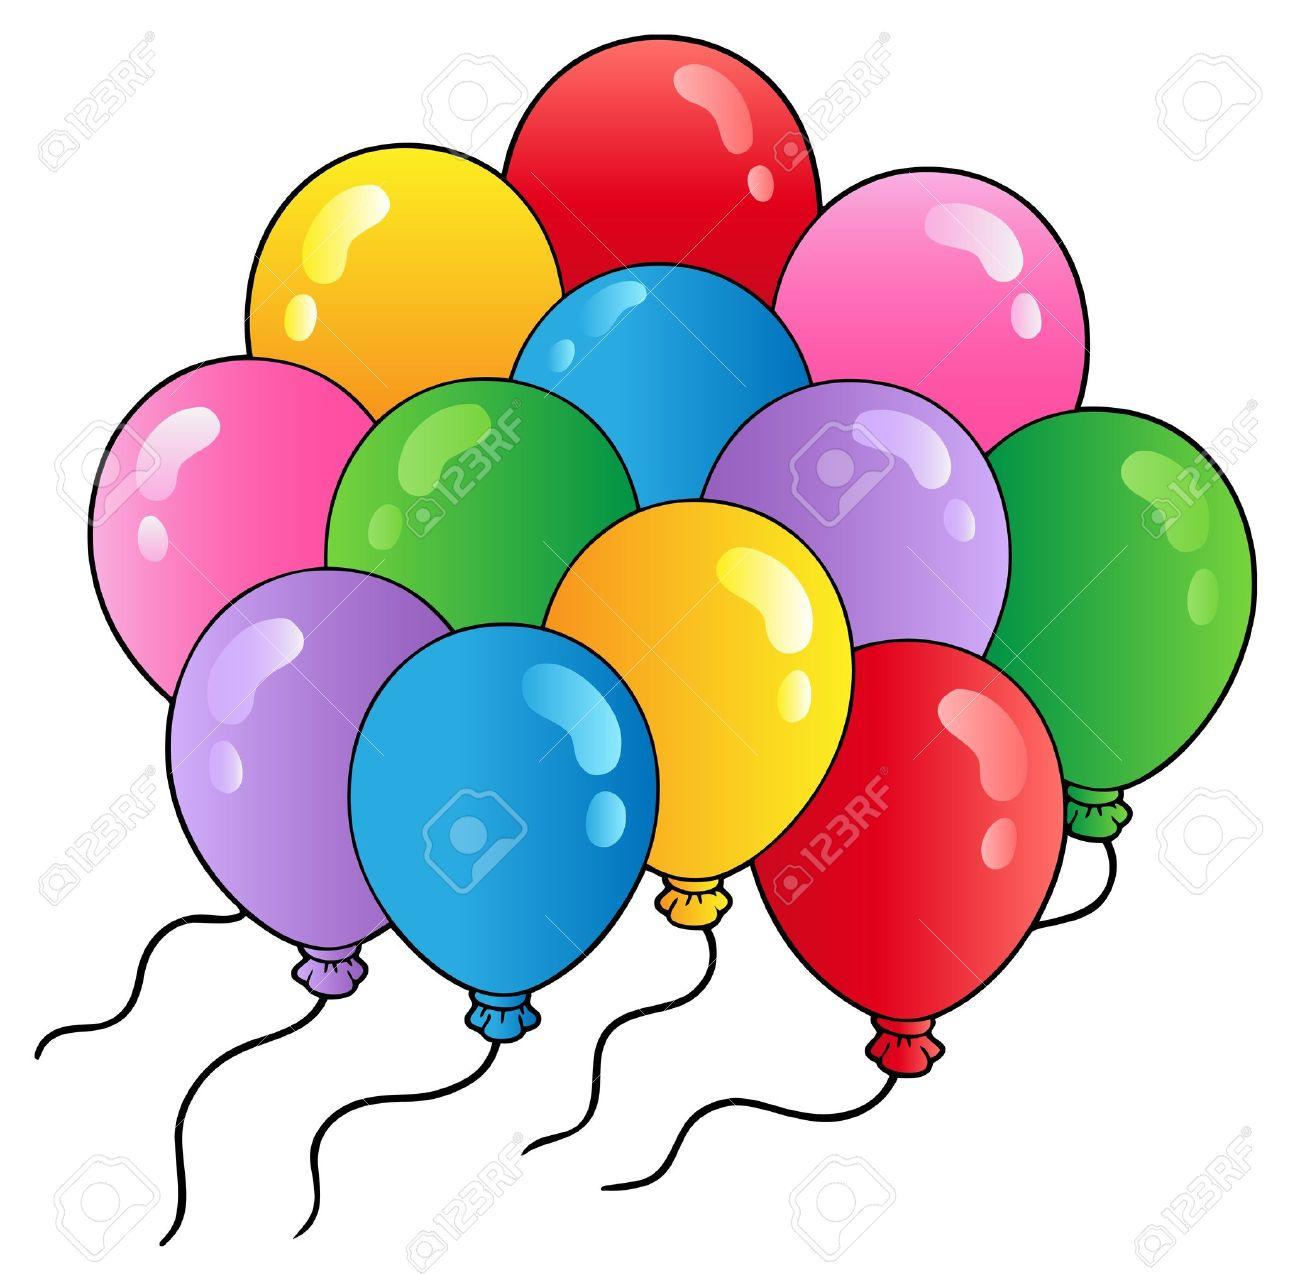 Groupe De Ballons De Dessin Anime Clip Art Libres De Droits